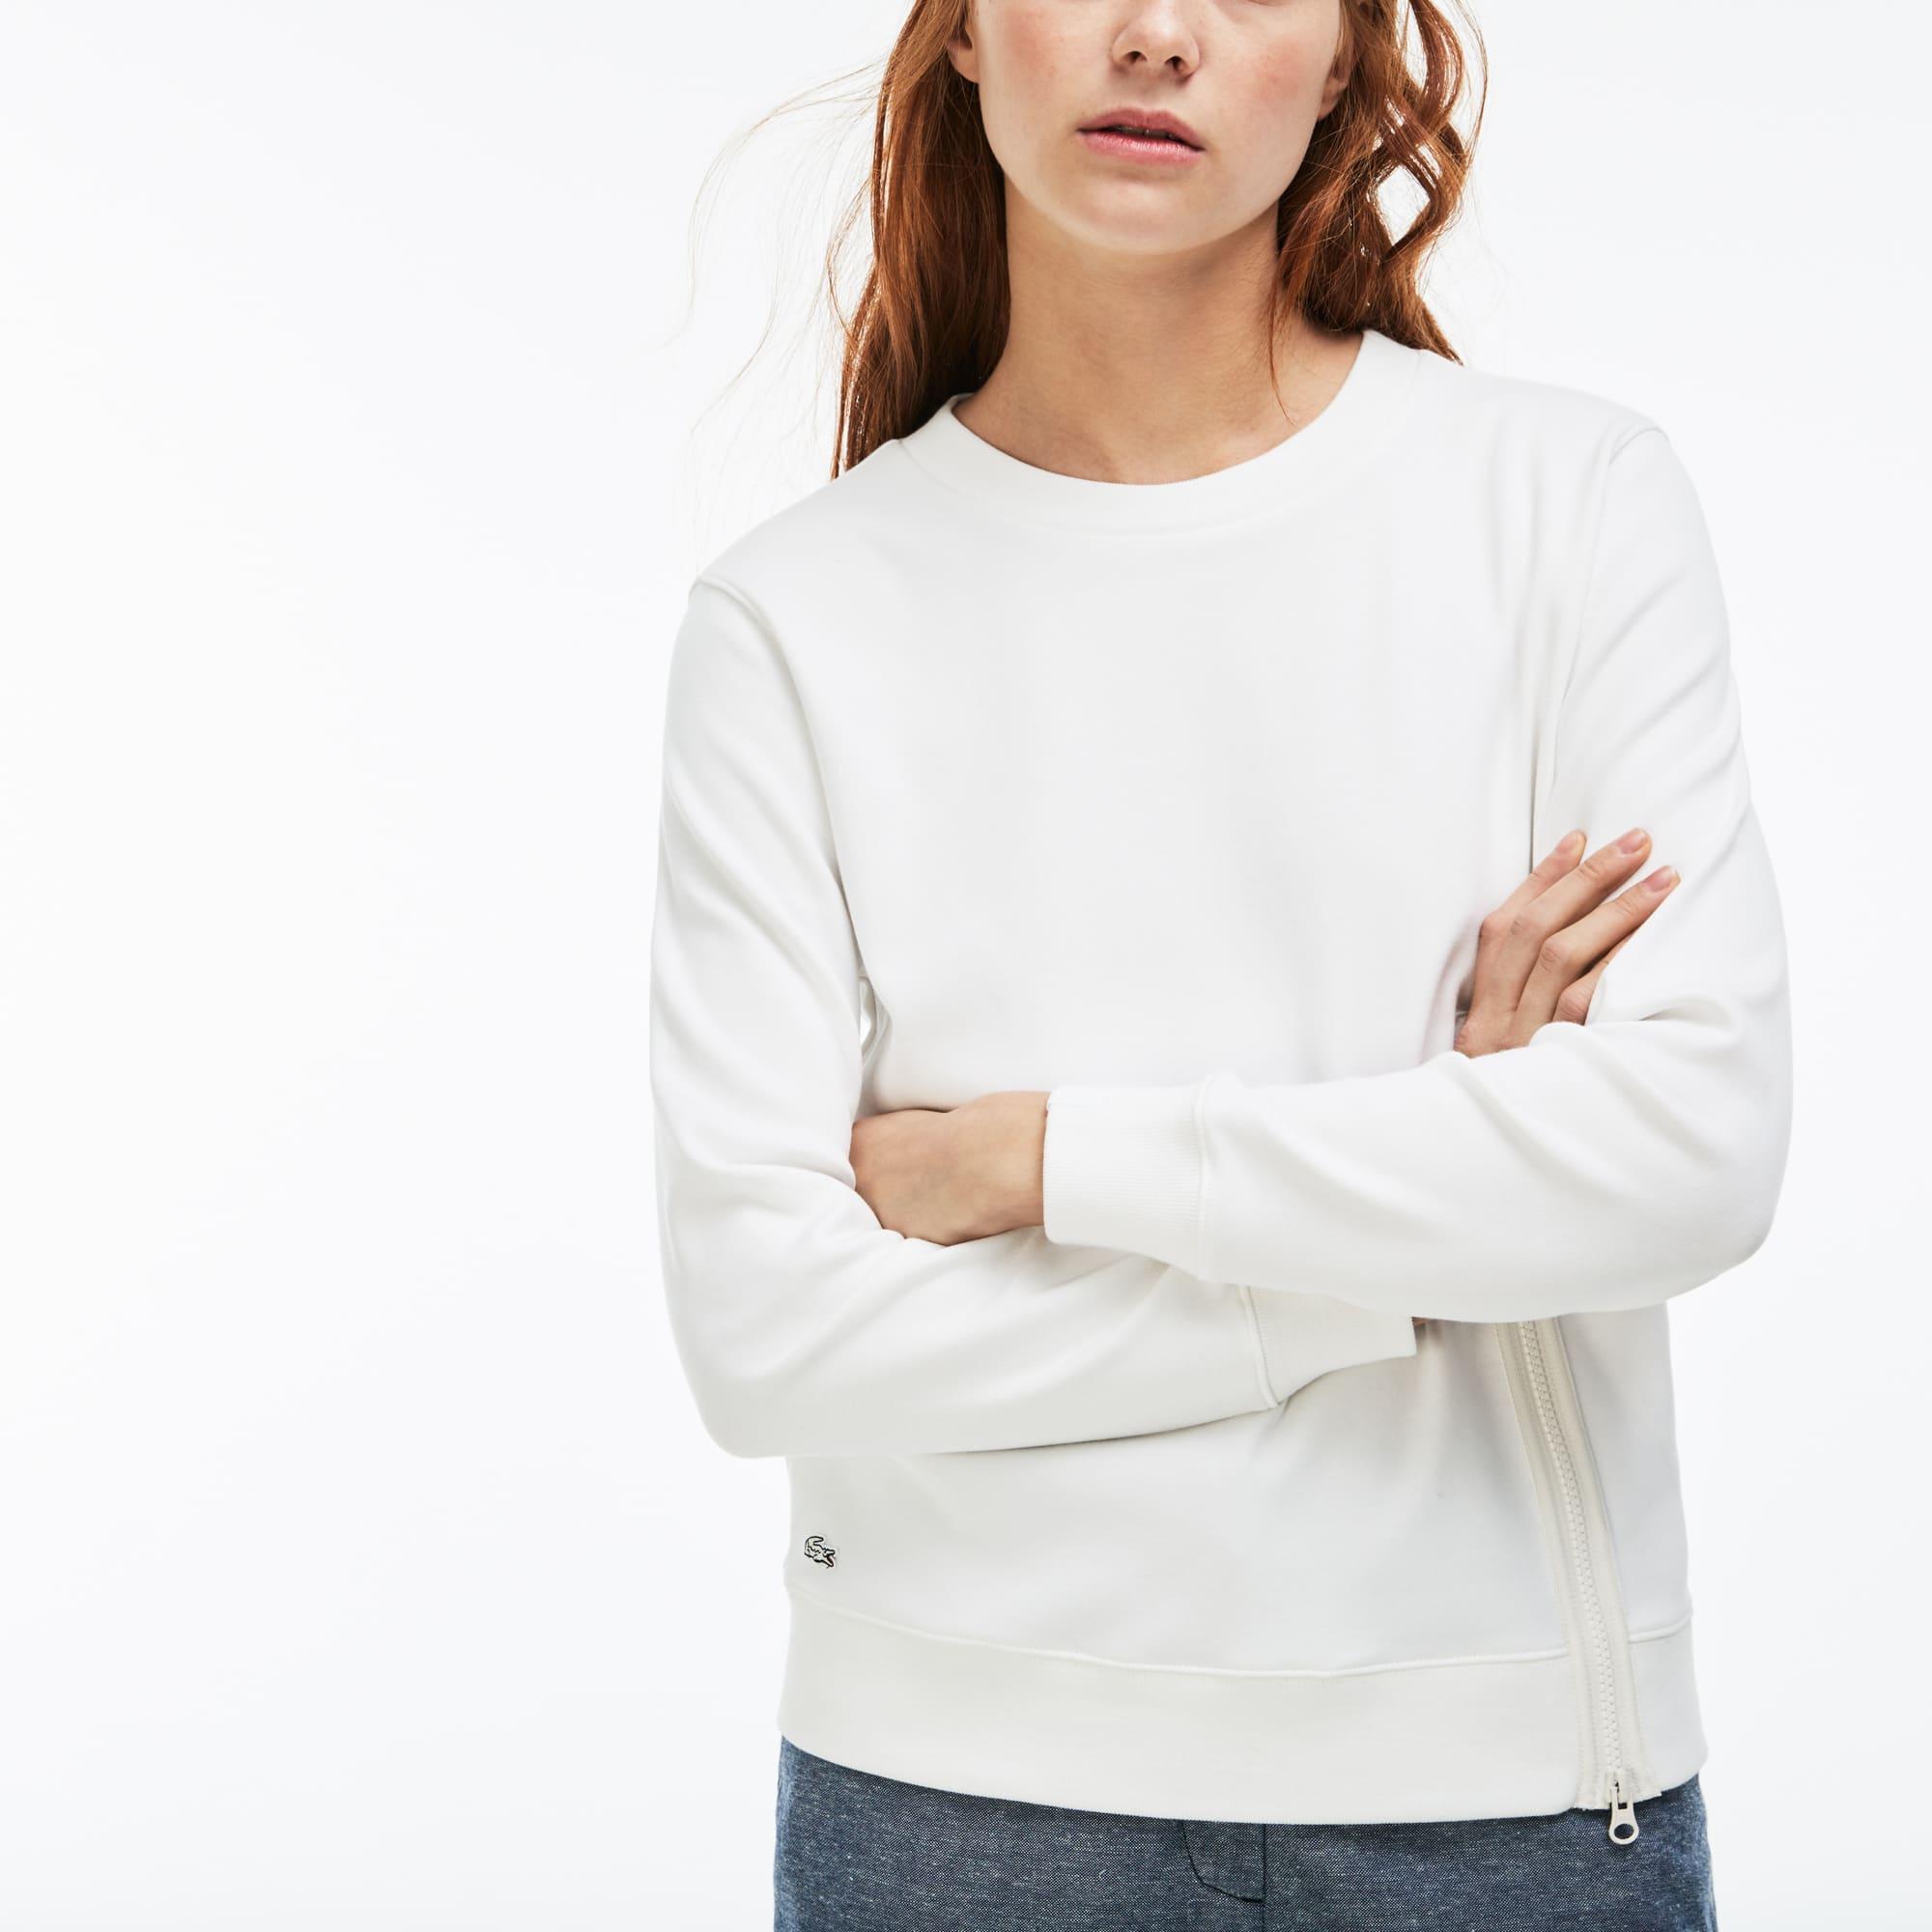 Damen-Rundhals-Sweatshirt aus Interlock LACOSTE L!VE